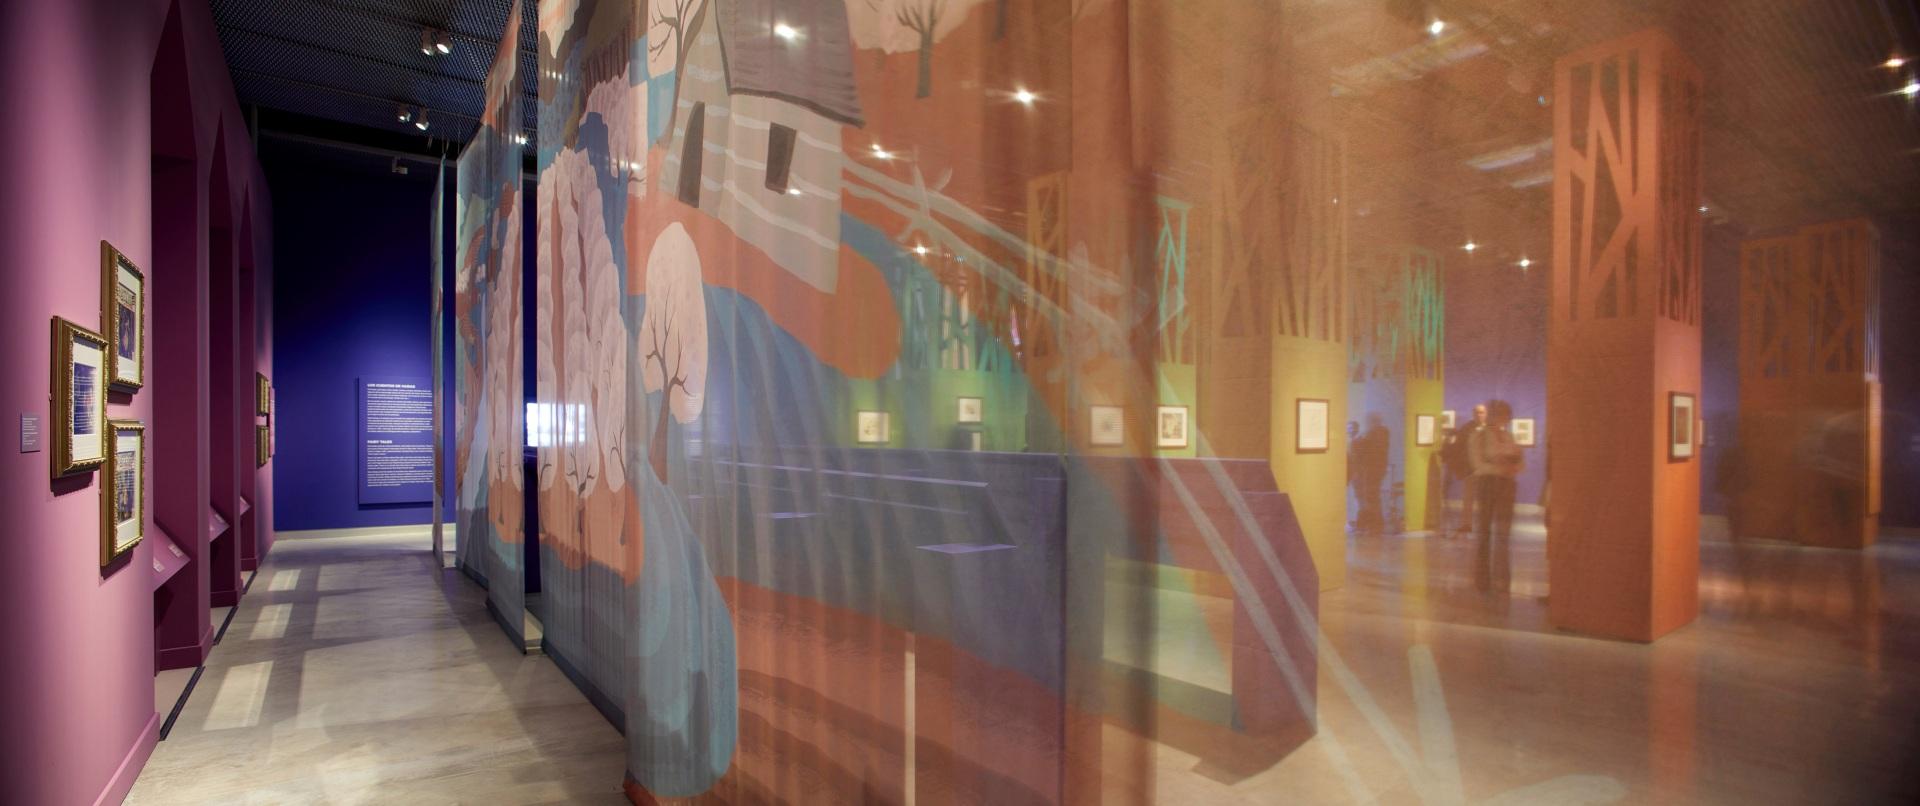 Exposición sobre Walt Disney. Mesas de dibujo color morado. Paisaje de colores. Transparencia y bosque de colores.